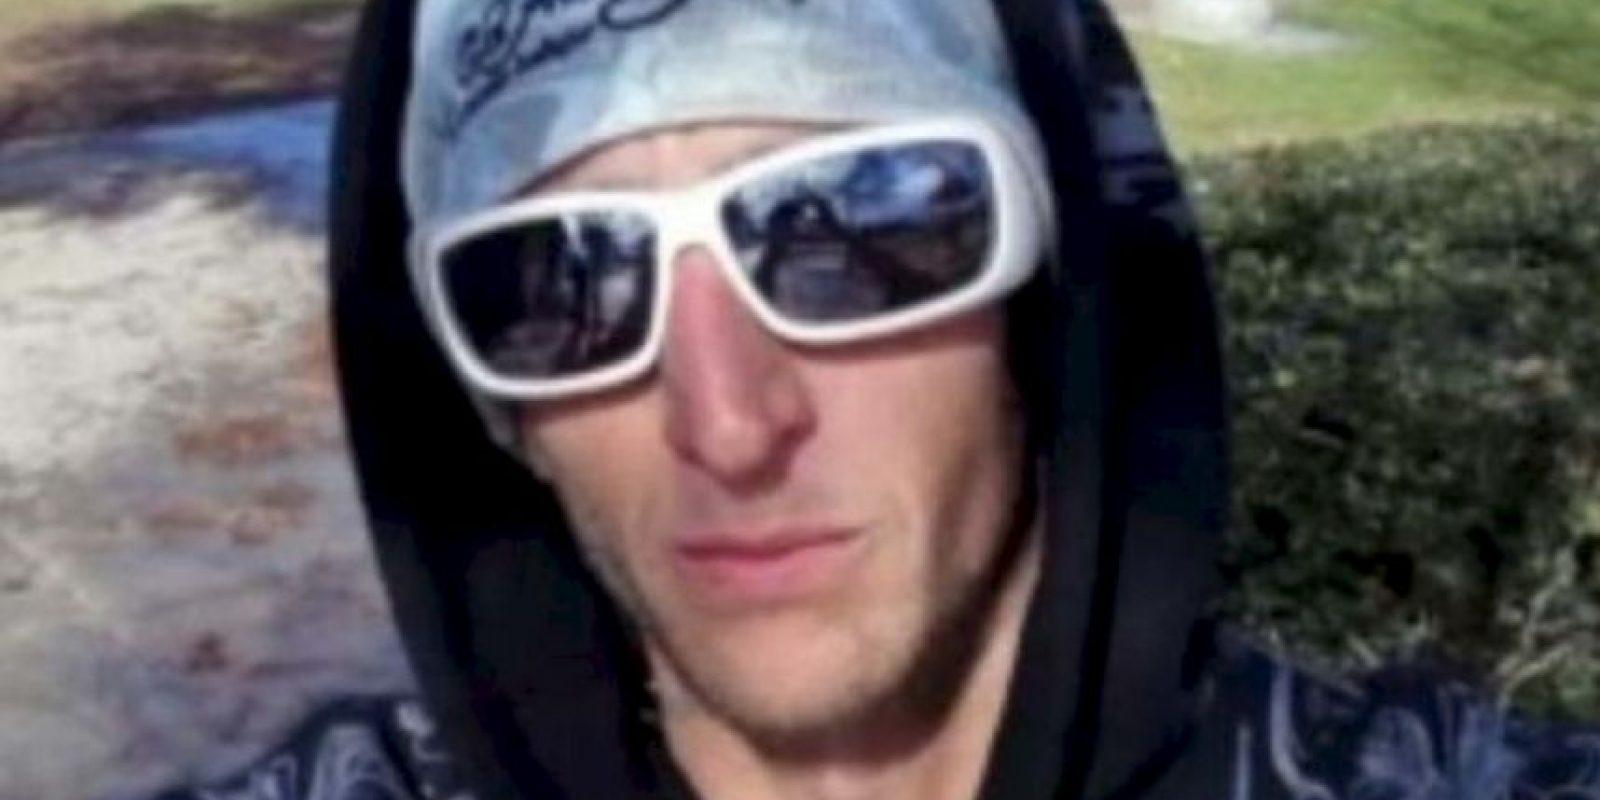 6. Comete el crimen y deja el teléfono: Adam Howe cometió el crimen perfecto. Robó en una iglesia, se tomó un selfie y dejó el teléfono. Un genio. Foto:Twitter